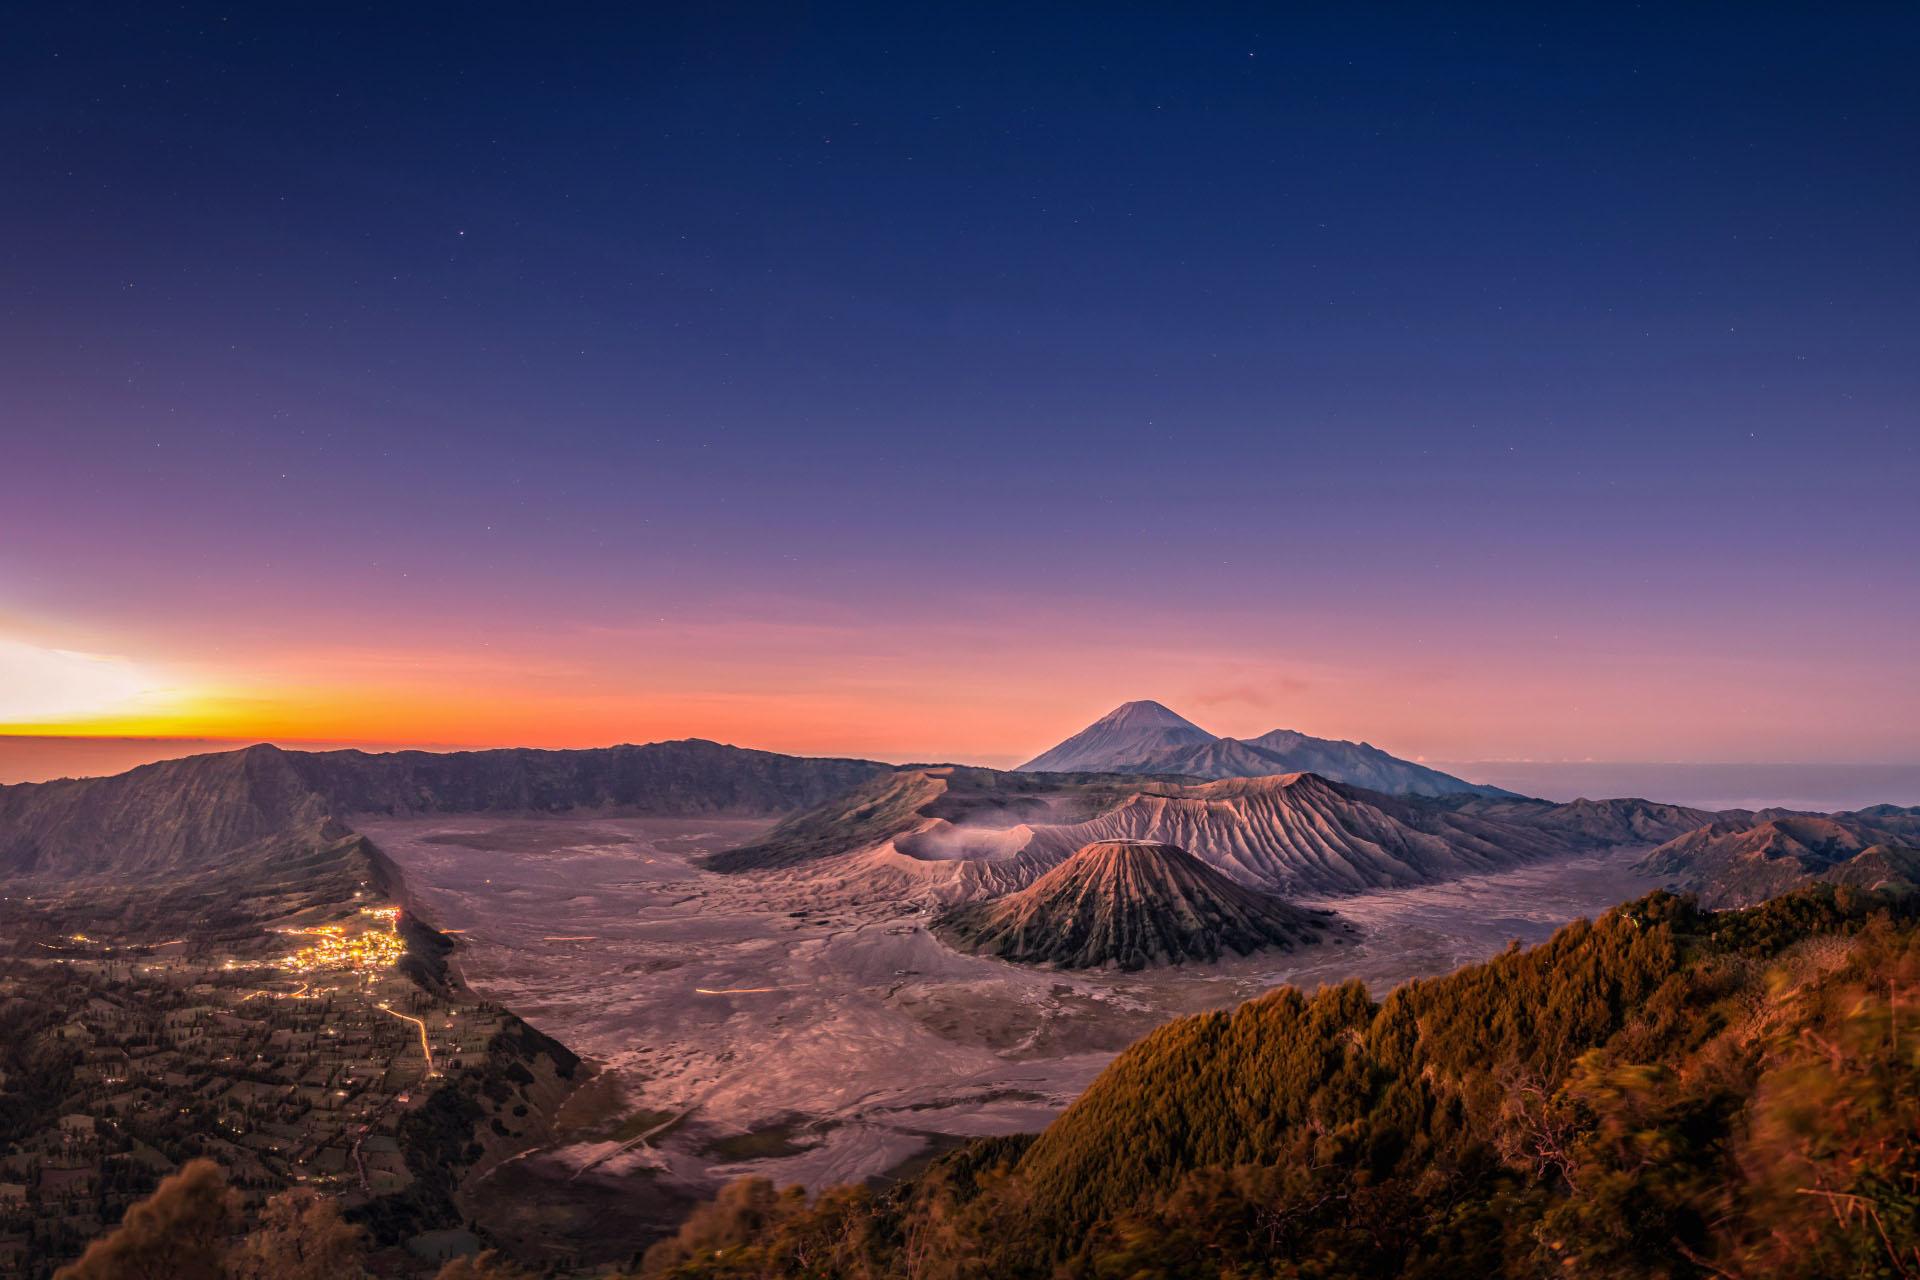 夜明けのブロモ・テンゲル・スメル国立公園 インドネシアの風景